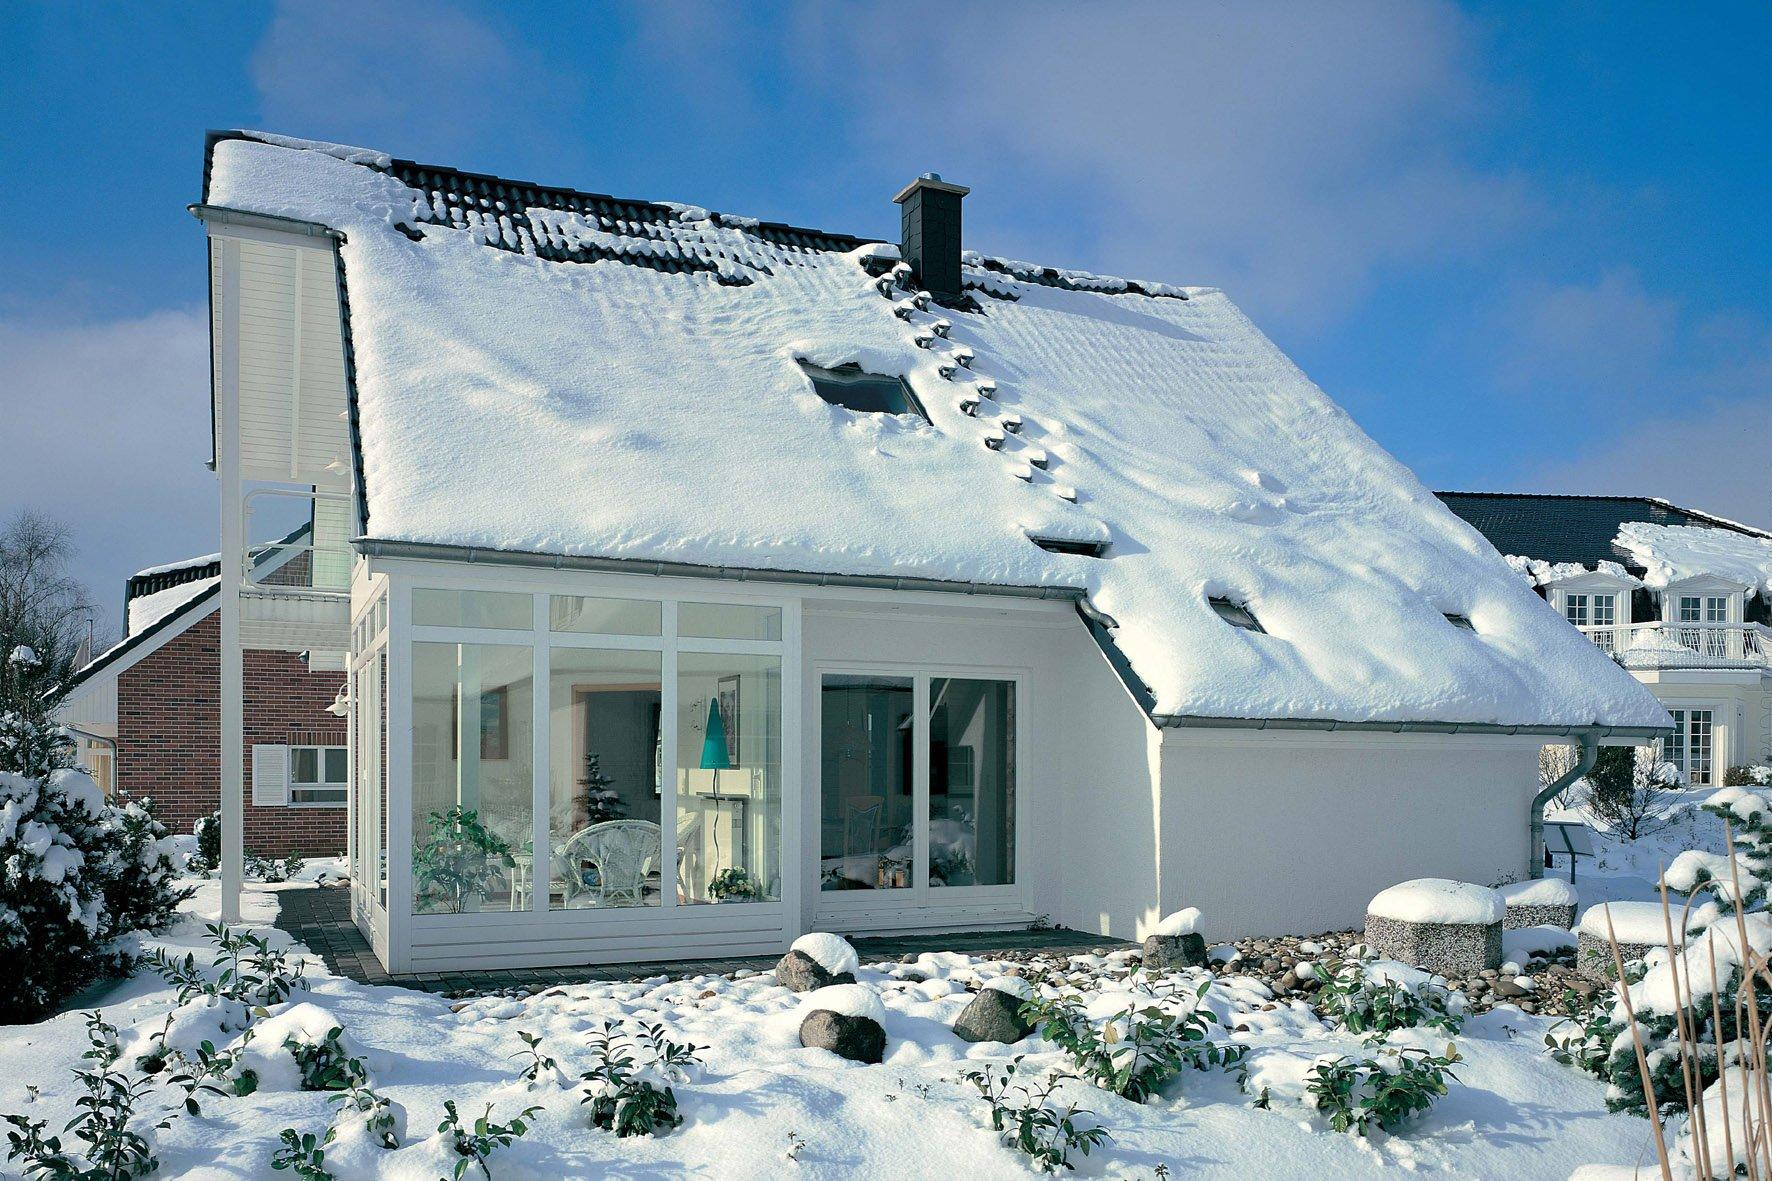 кто снег на крыше дома картинки заражаются патогенными